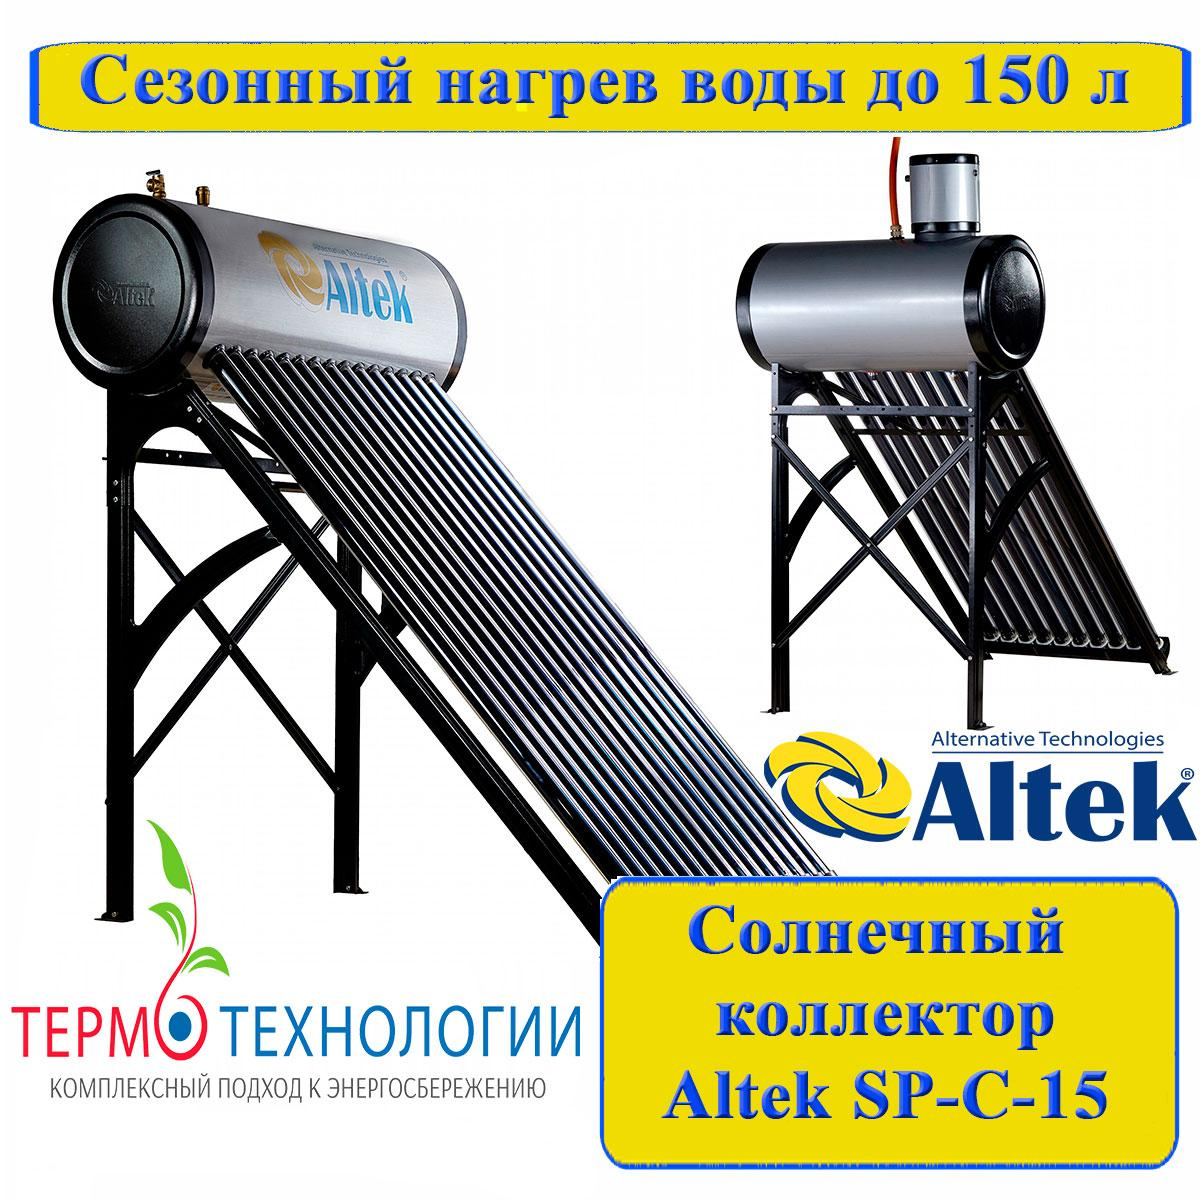 Солнечный коллектор Altek SP-C-15. Сезонный безнапорный коллектор